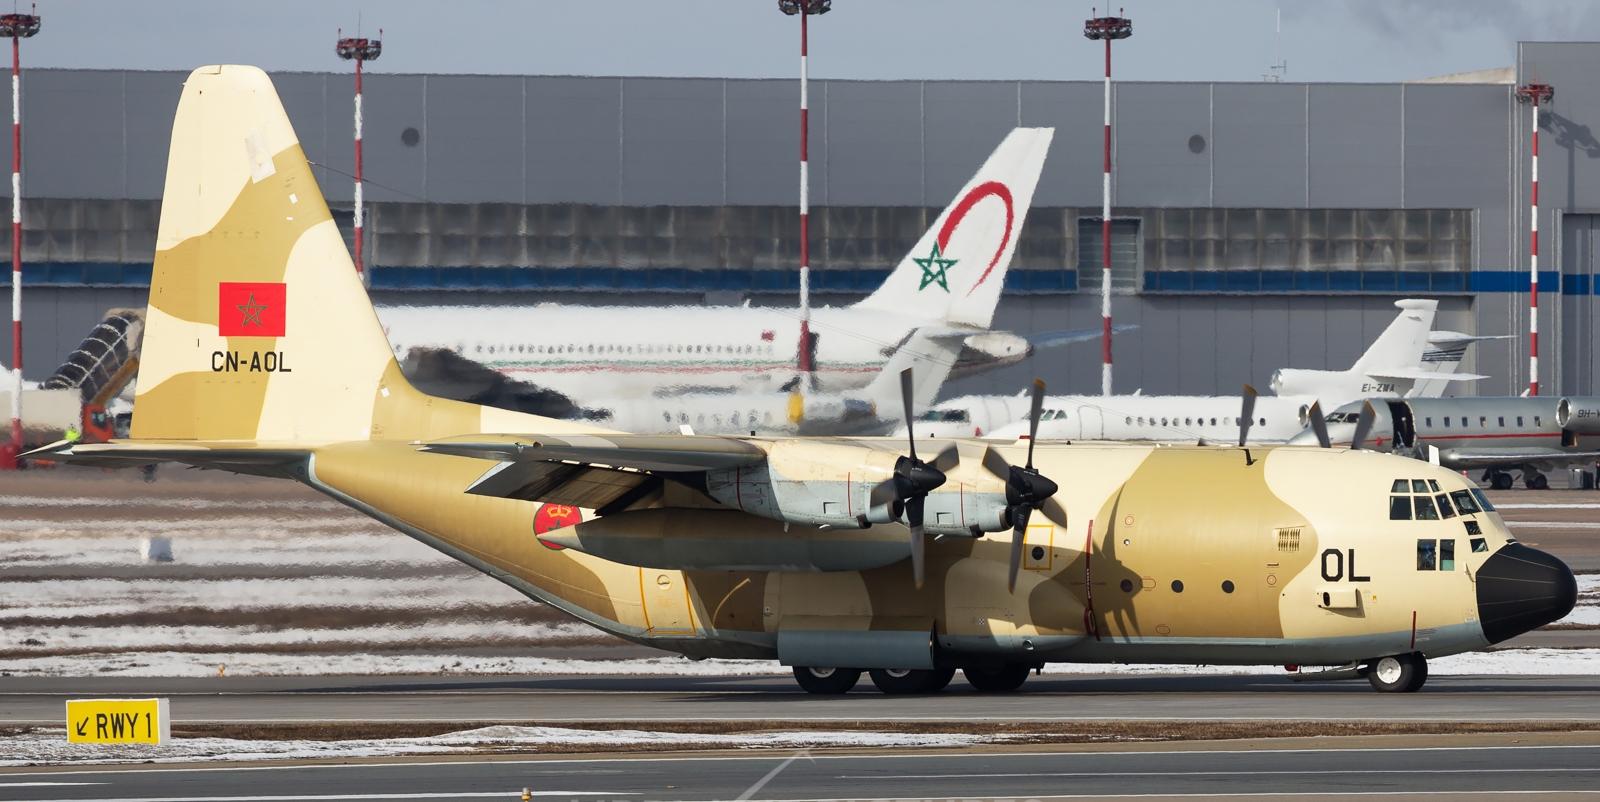 FRA: Photos d'avions de transport - Page 25 160313090116760729